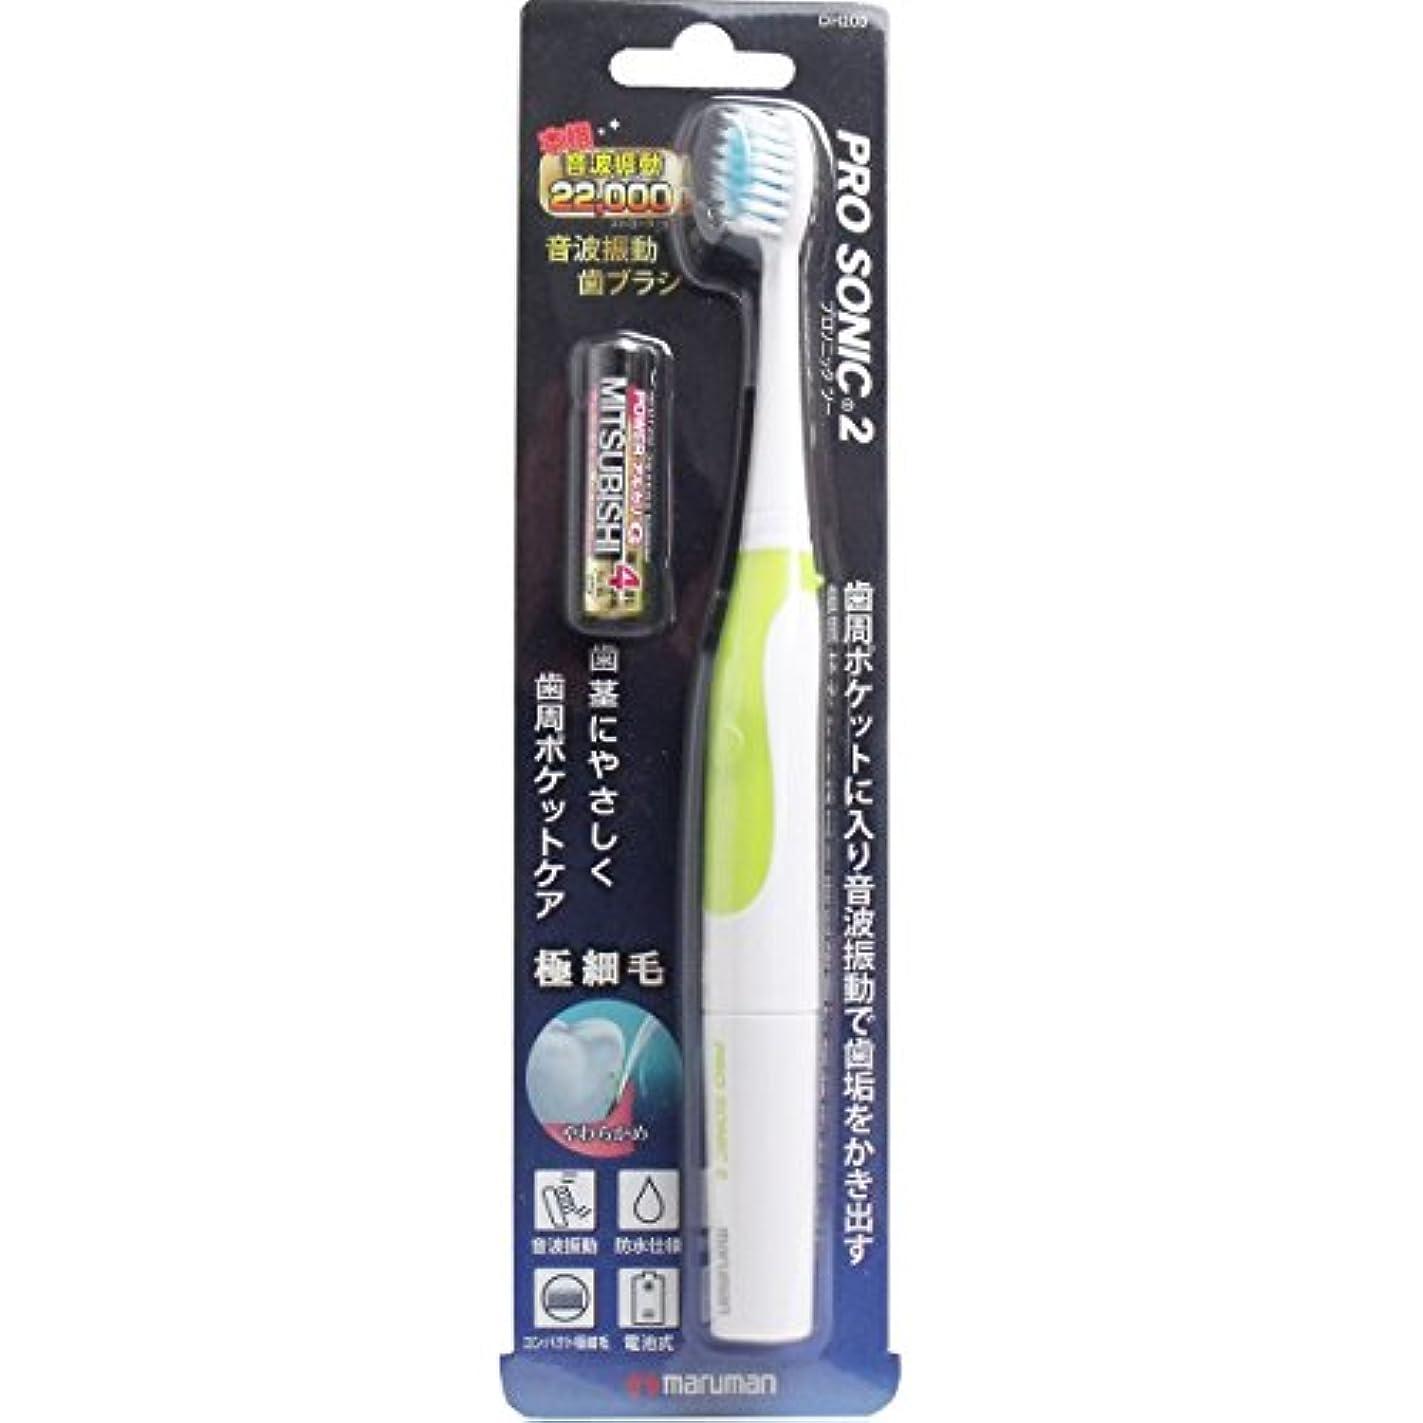 緊張する構築する緑マルマン 本格音波振動歯ブラシ プロソニック2 グリーン 1本